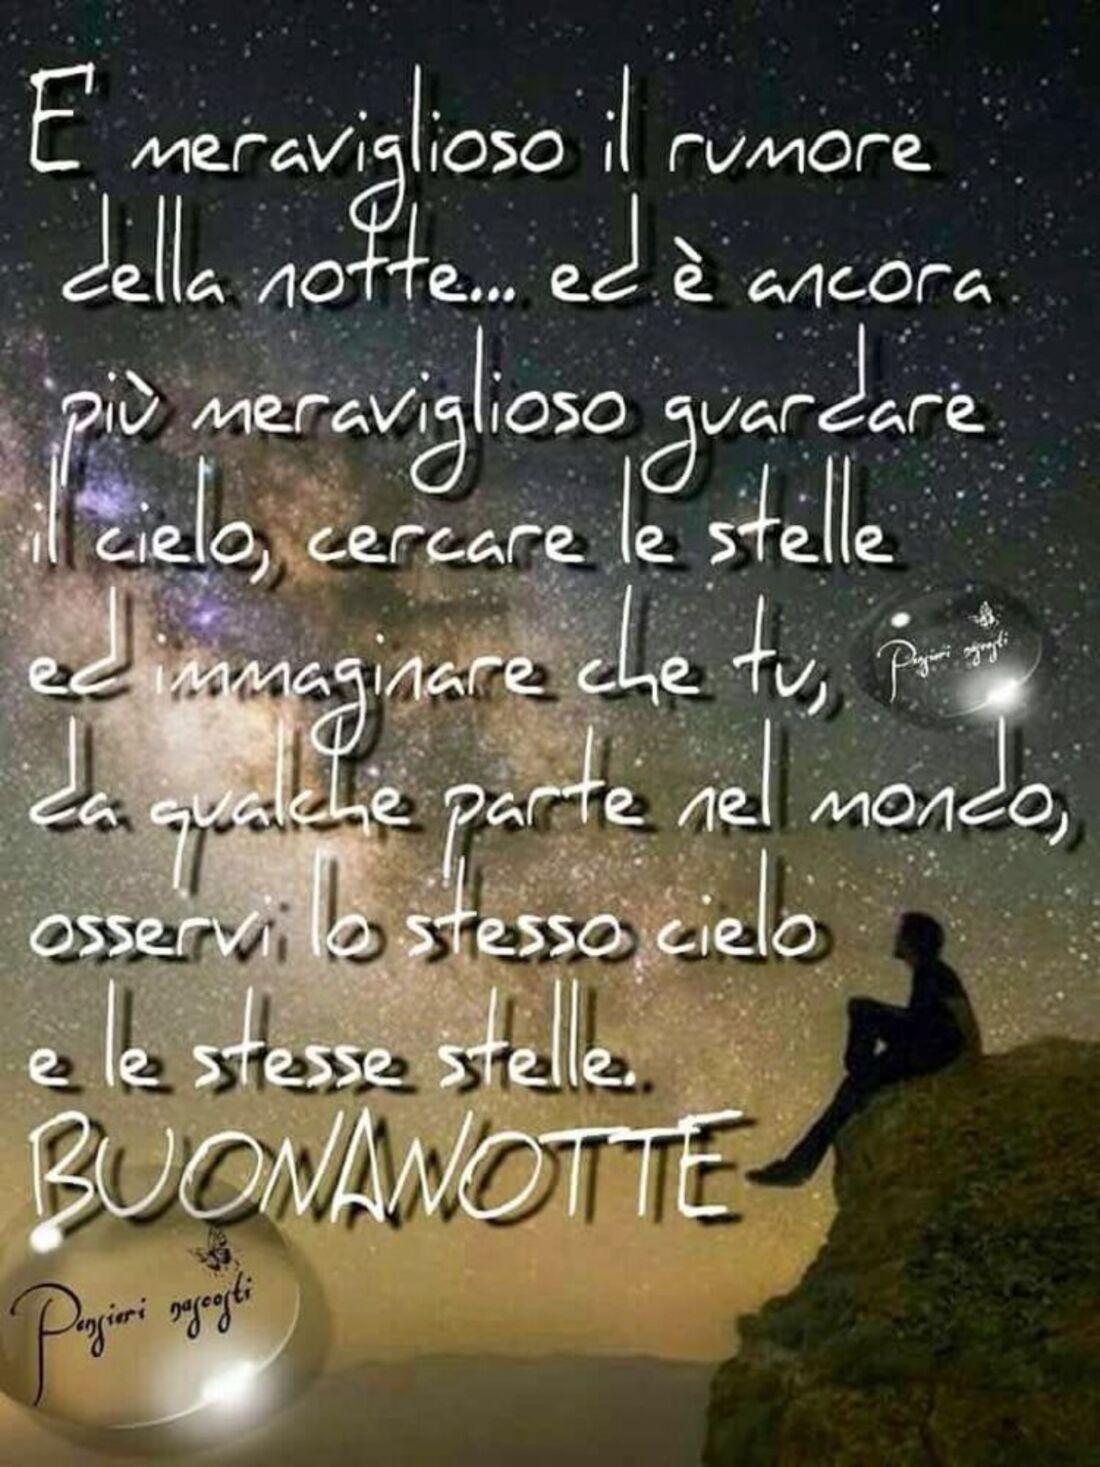 E' meraviglioso il rumore della notte...ed è ancora più meraviglioso guardare il cielo, cercare le stelle ed immaginare che tu, da qualche parte nel mondo, osservi lo stesso cielo e le stesse stelle. Buonanotte